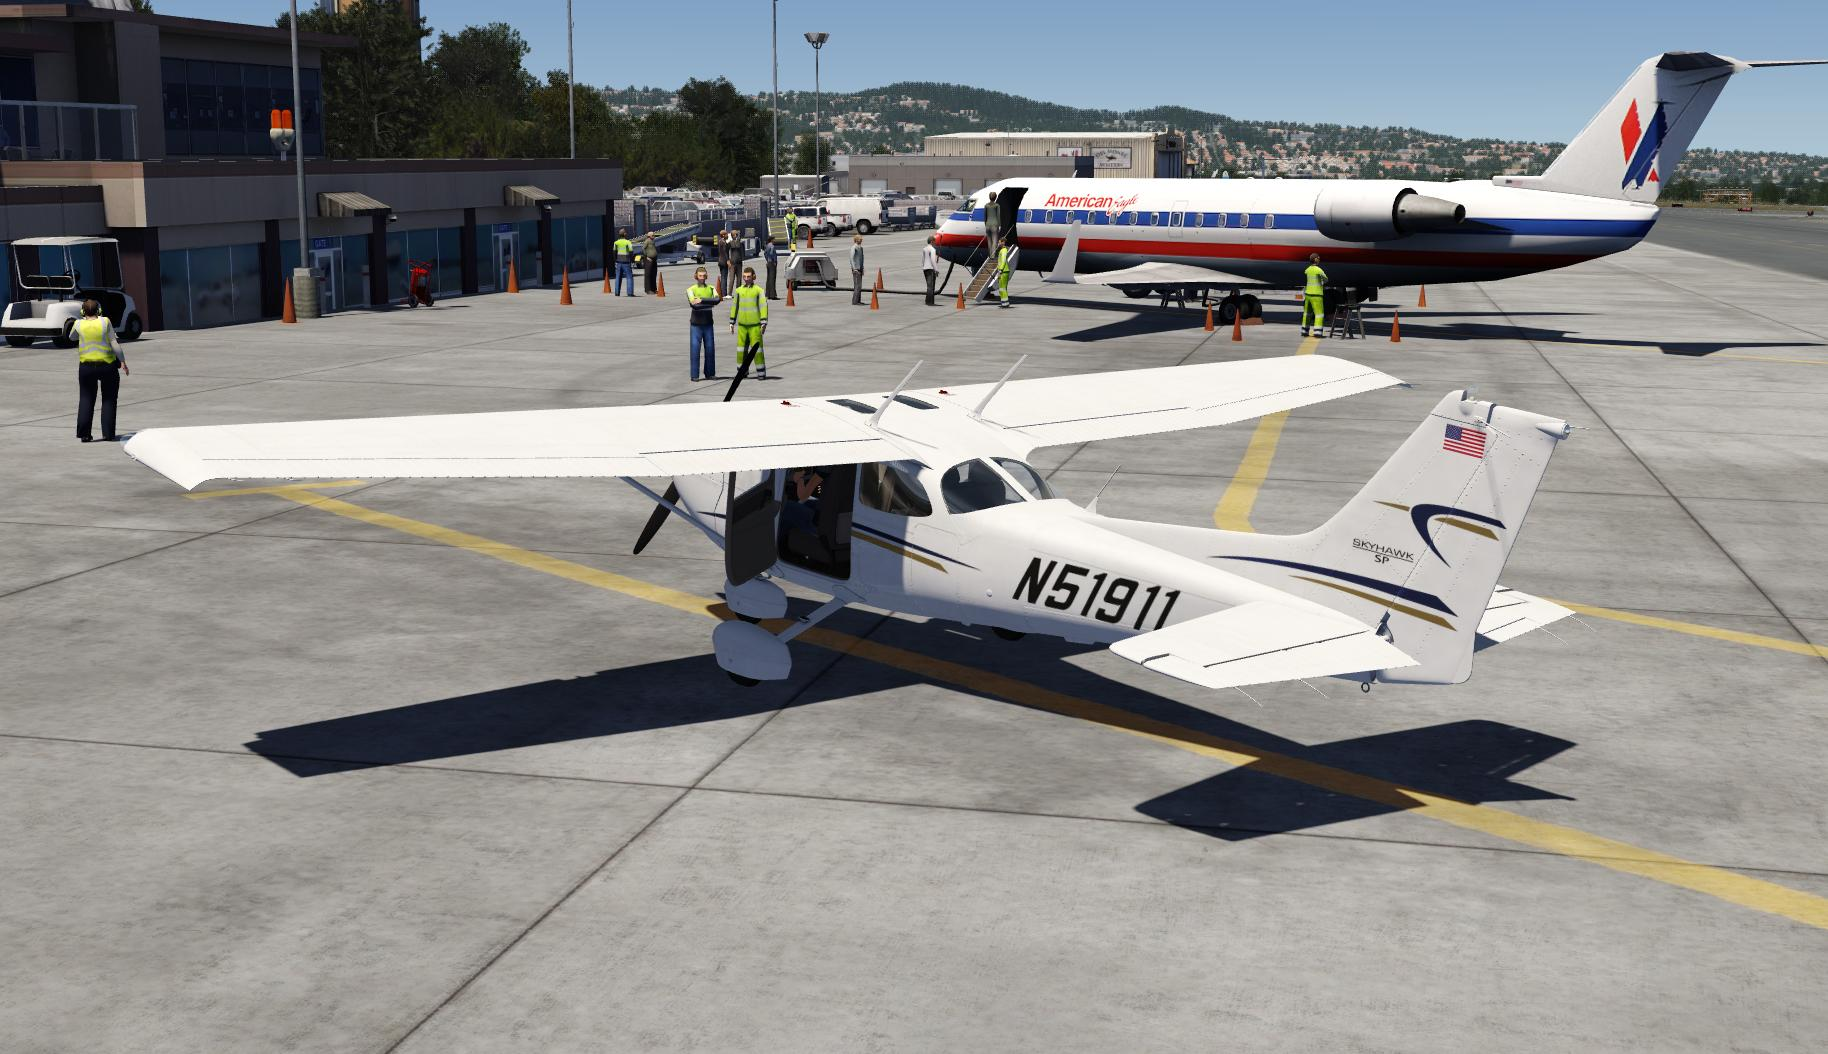 Скачать моды для aerofly fs